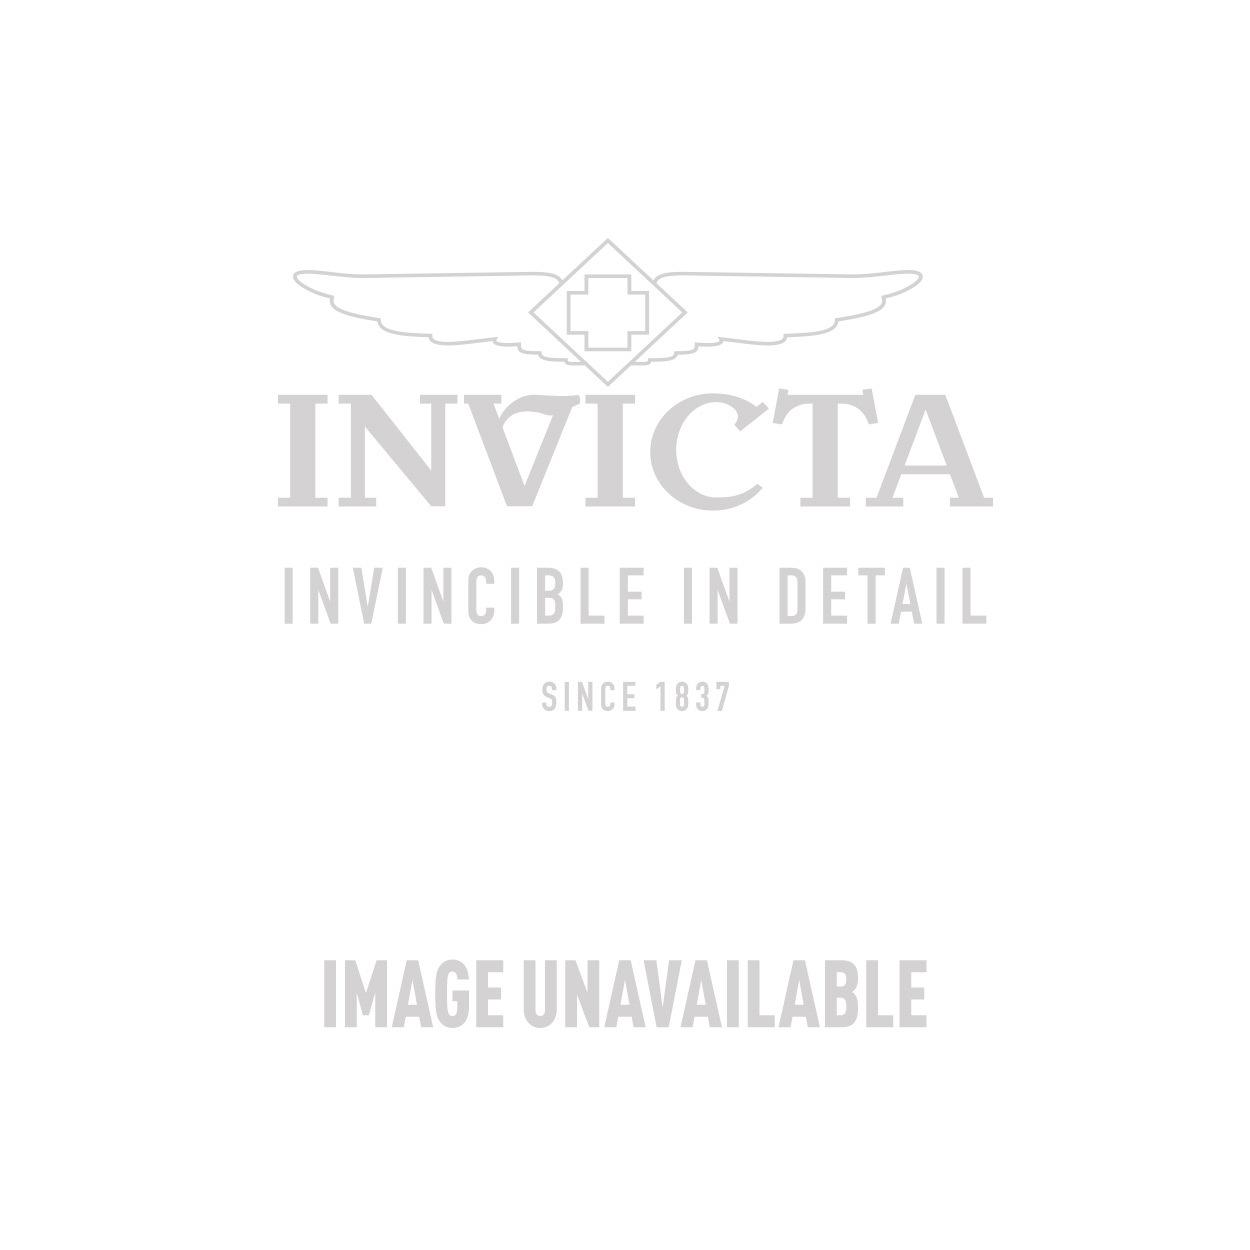 Invicta Model 27323